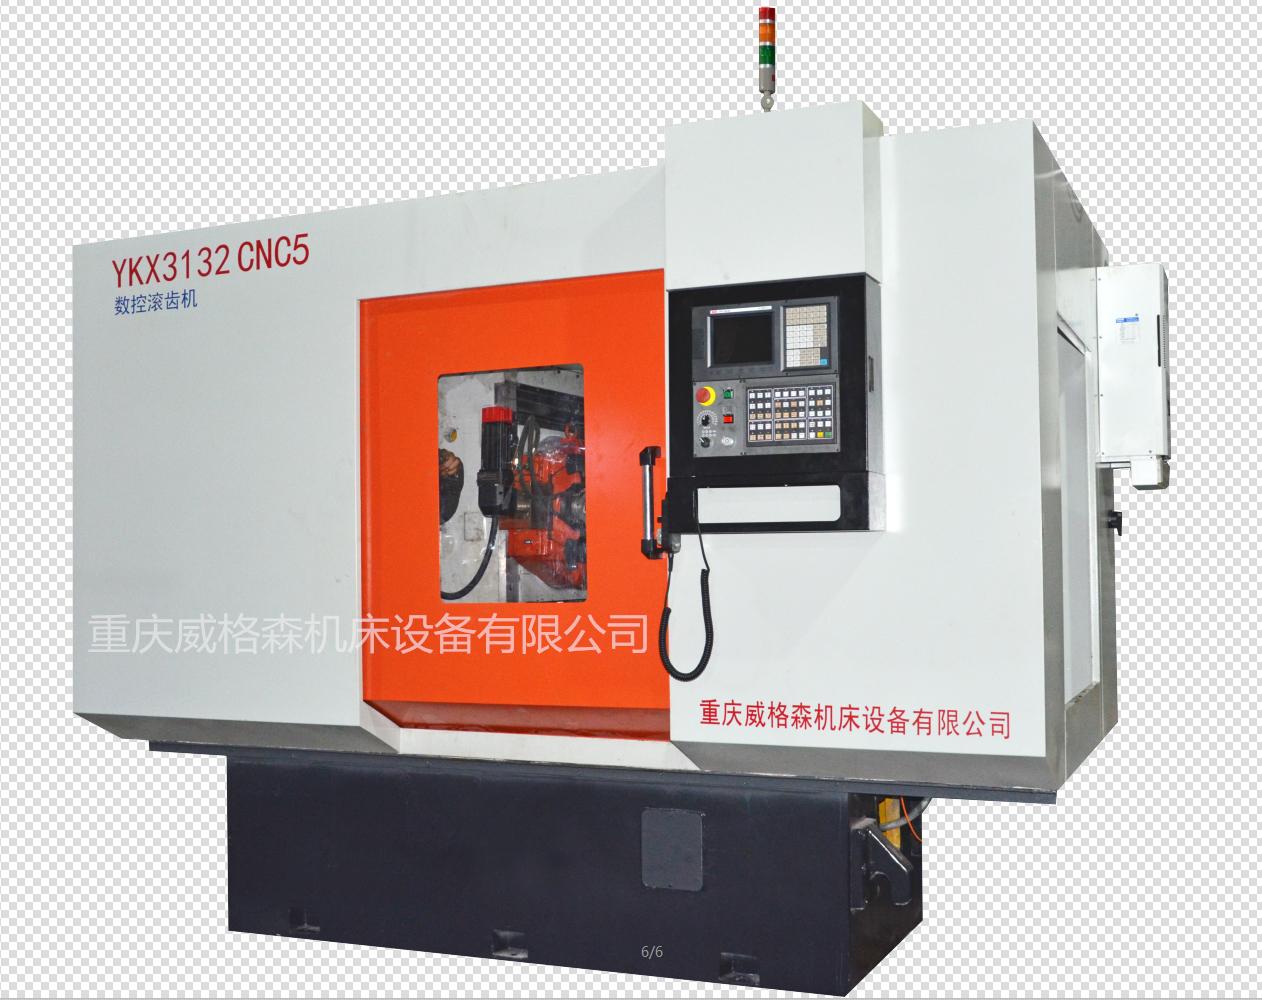 YKX3132 CNC5滚齿机维修